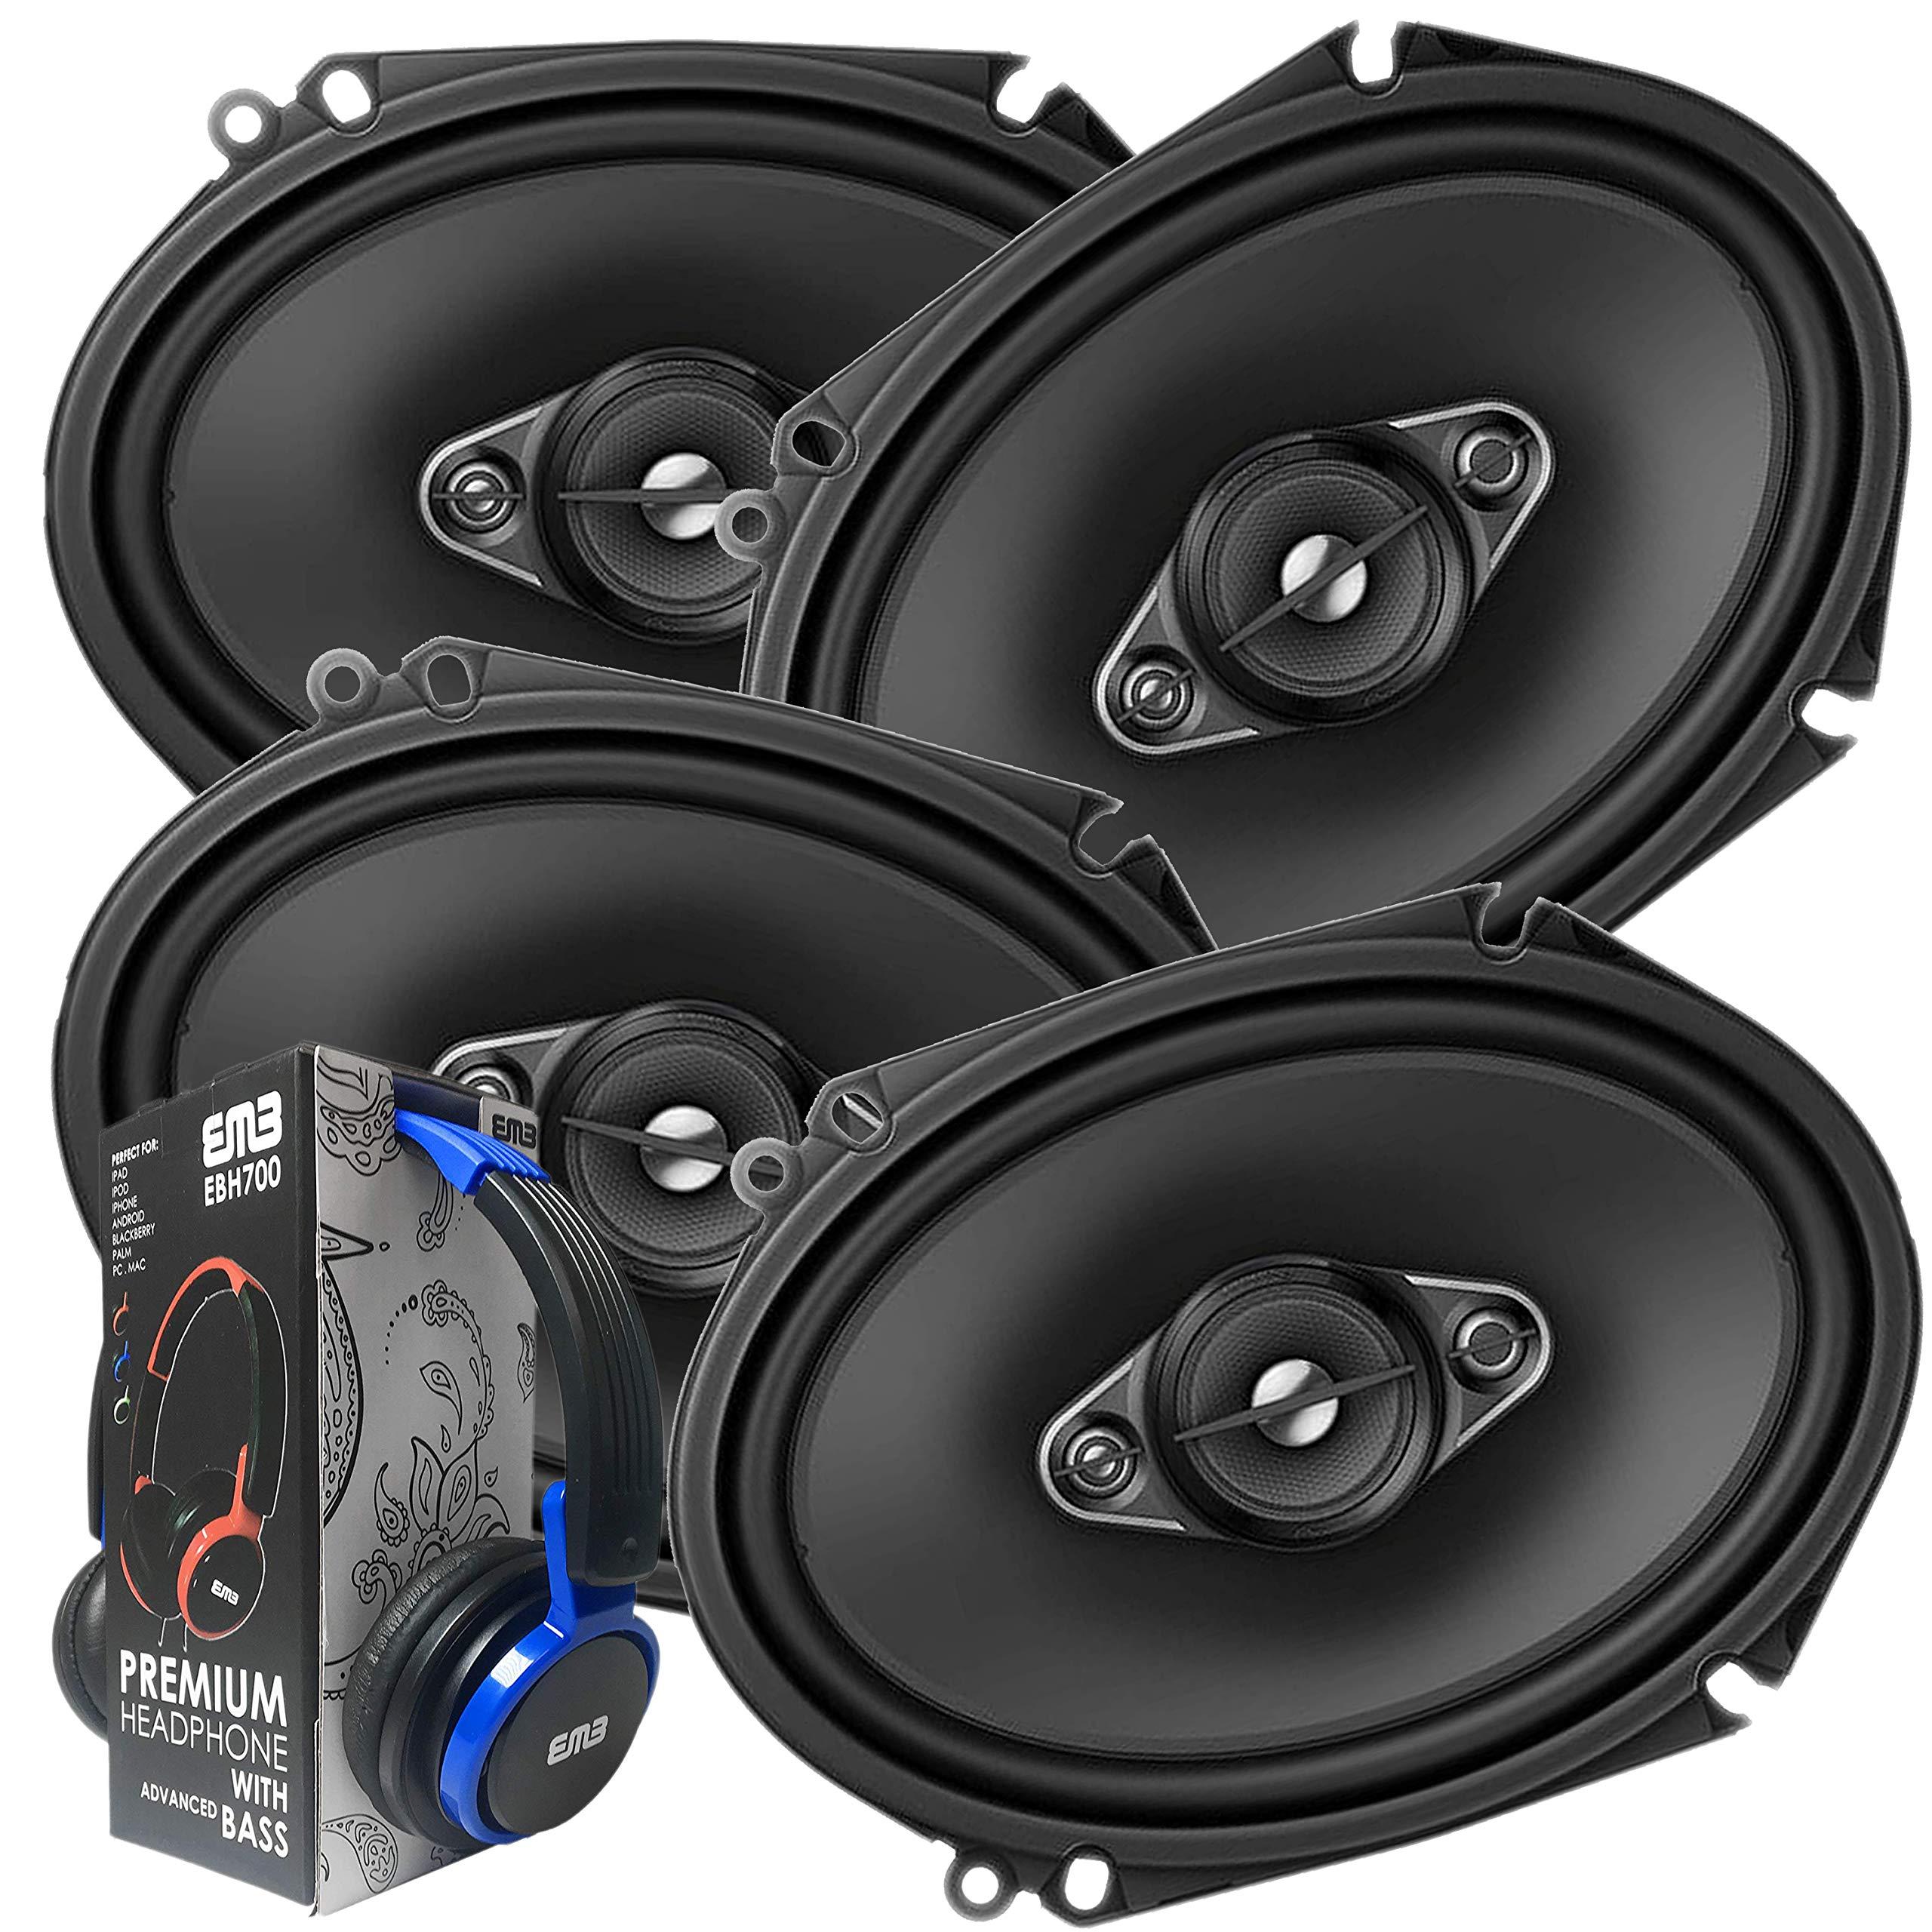 2 Pairs of Pioneer 5x7/ 6x8 Inch 4-Way 350 Watt Car Audio Speakers | TS-A6880F (4 Speakers) + Free EMB Premium Headphone by PIONEER